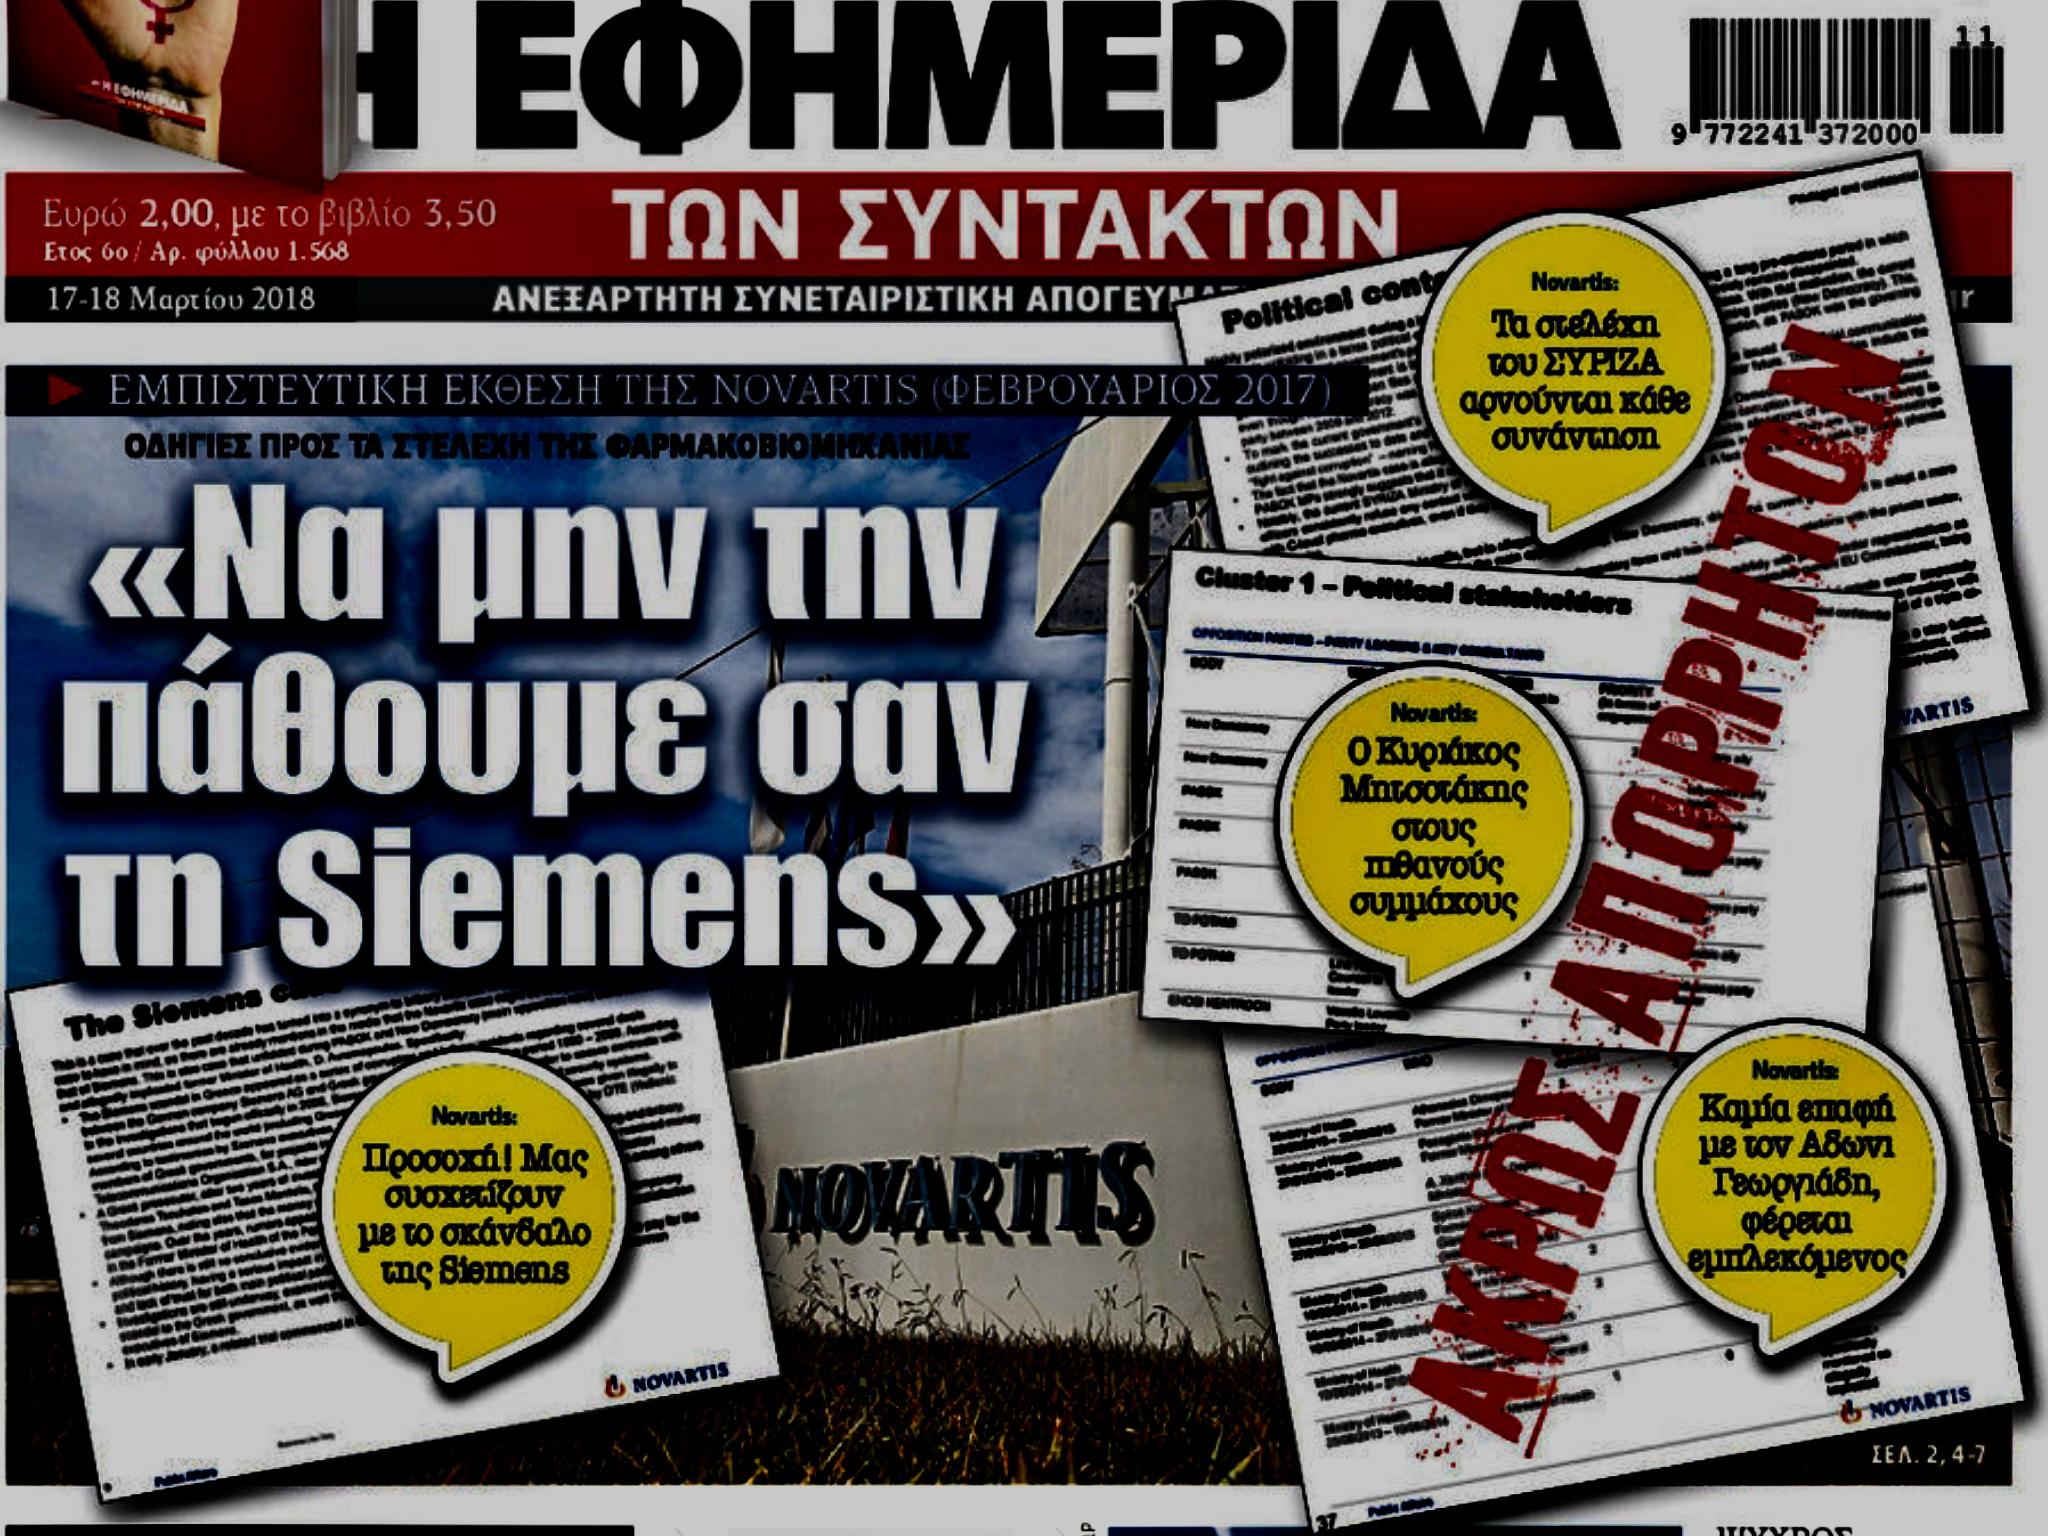 Η Novartis ήξερε από το 2017 ότι θα ξεσπάσει το σκάνδαλο και προειδοποιούσε για τον Γεωργιάδη. Ο Μητσοτάκης, σιωπή…